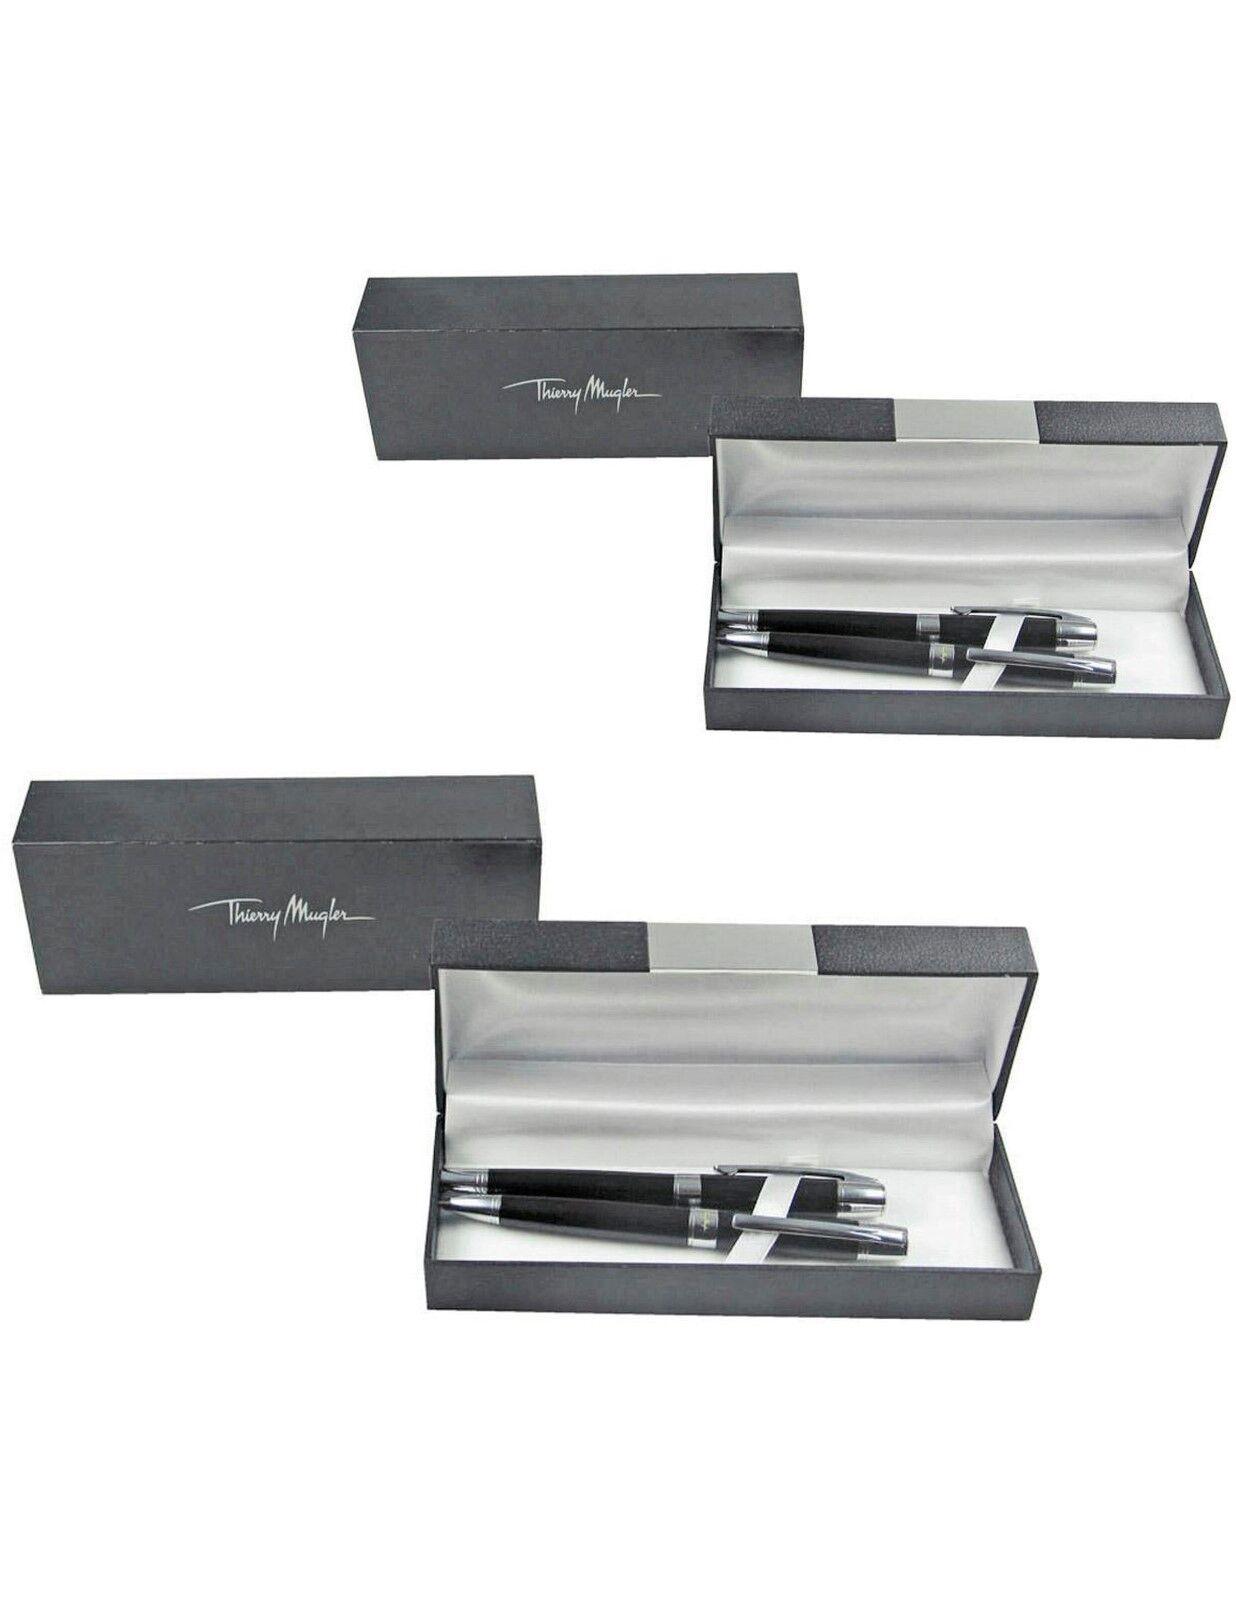 2 Stück Schreibset Thierry Mugler Kugelschreiber & Bleistift  3-teilig